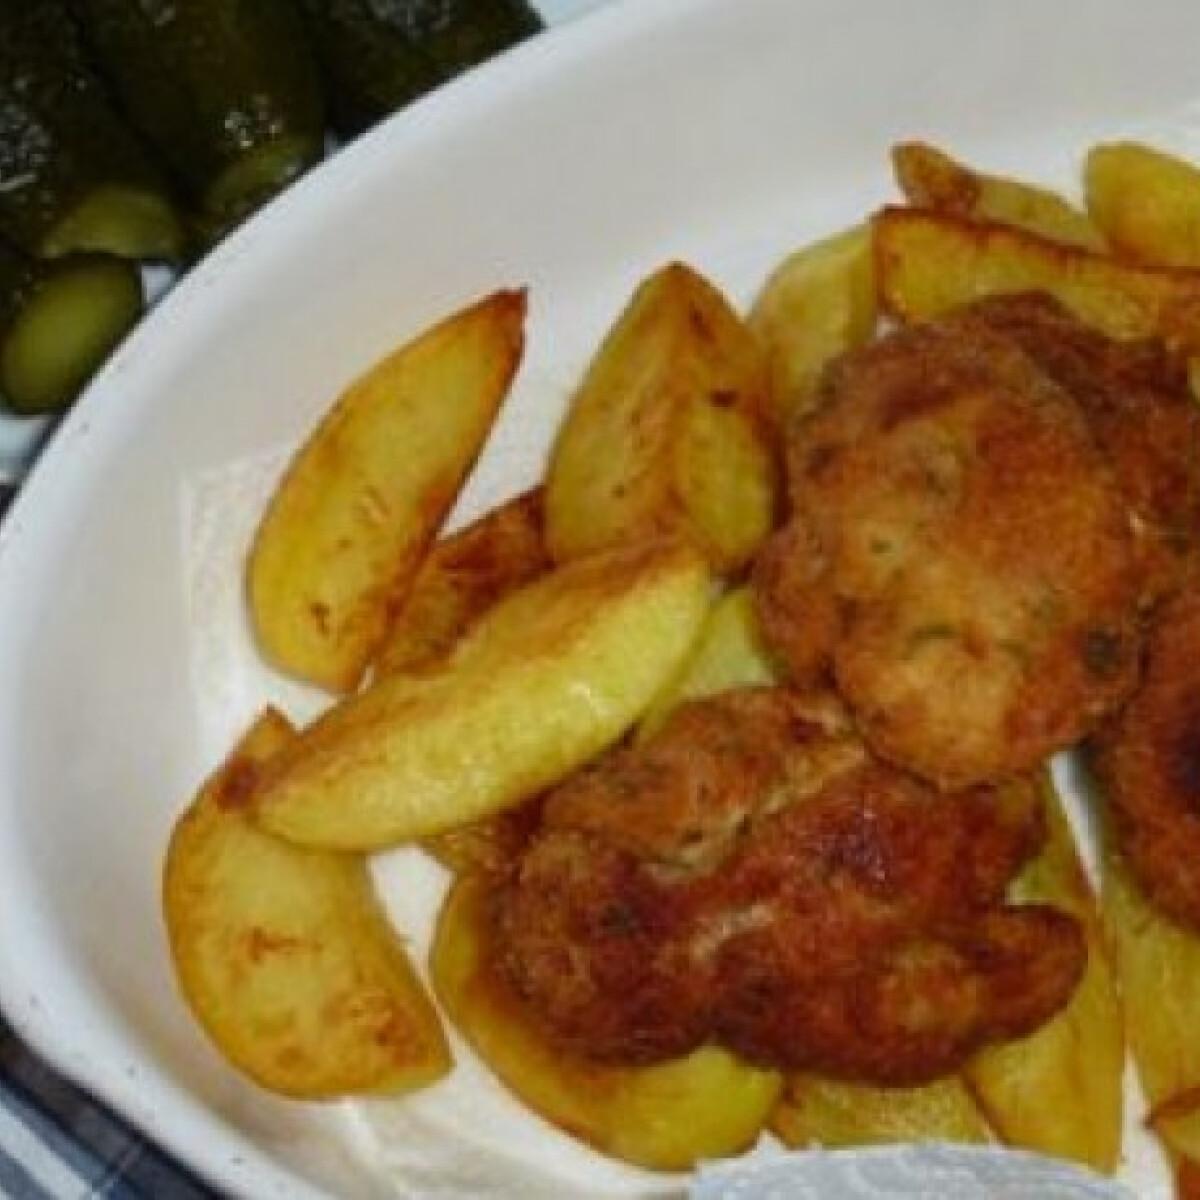 Ezen a képen: Rántott sertésvelő sült krumplival